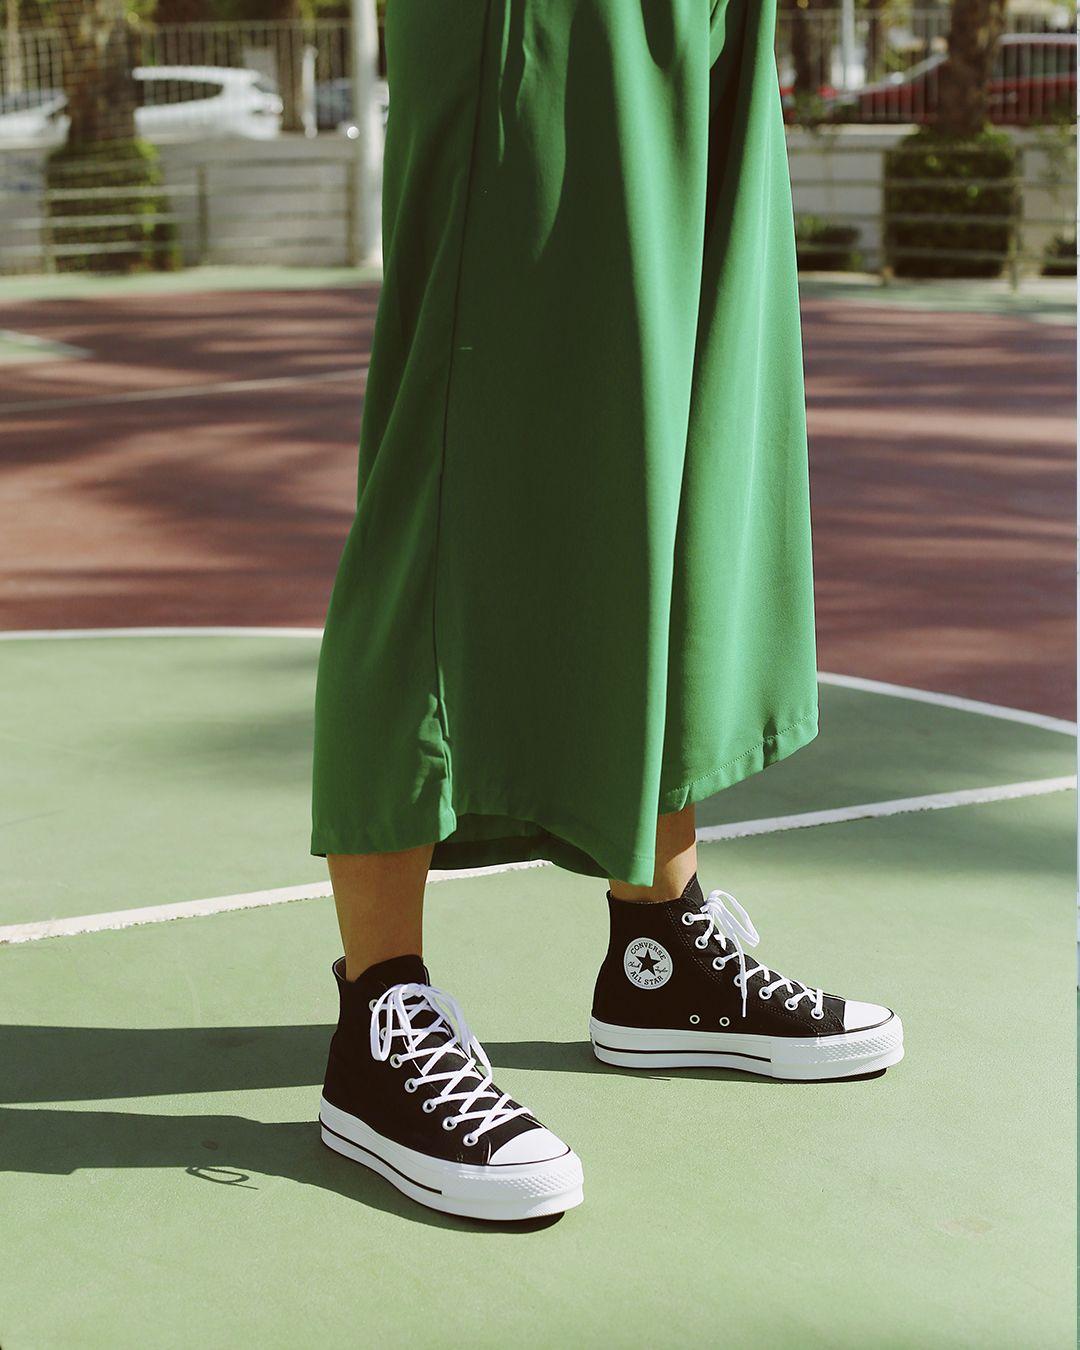 converse verdes plataforma mujer